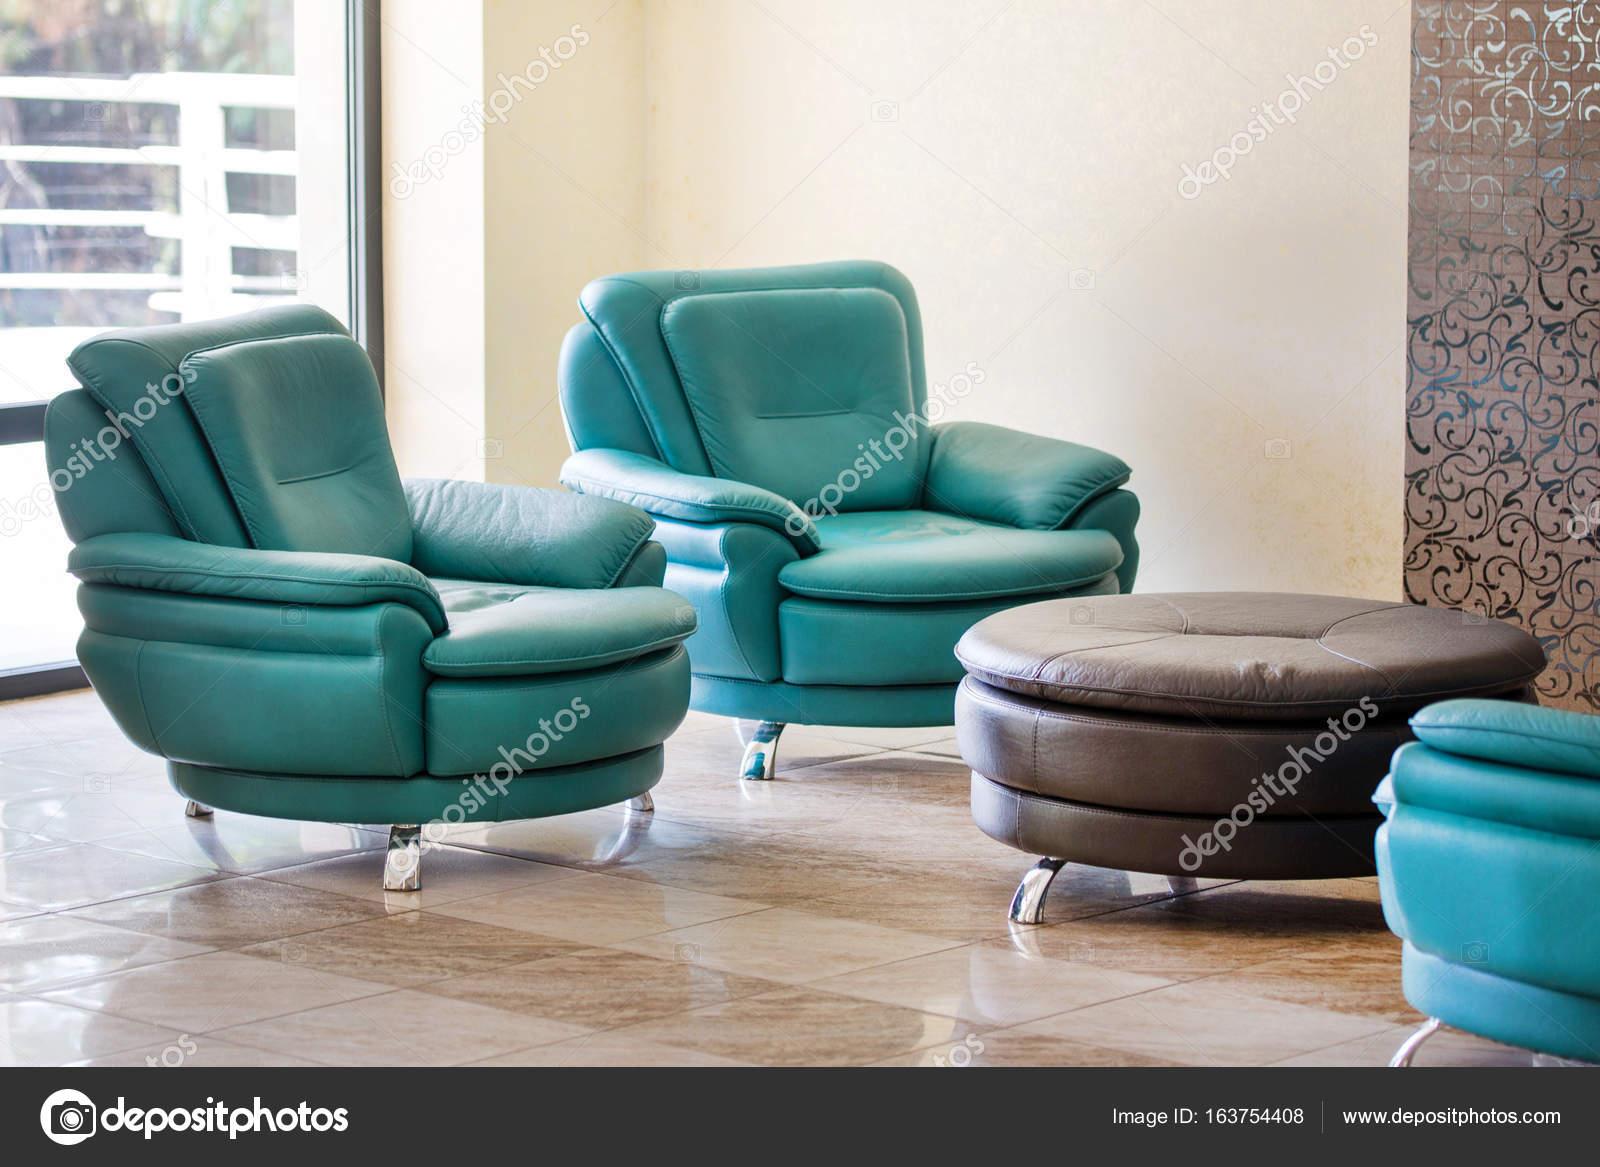 Lederen Fauteuils Modern.Comfortabele Moderne Luxe Lederen Fauteuils En Ronde Tafel